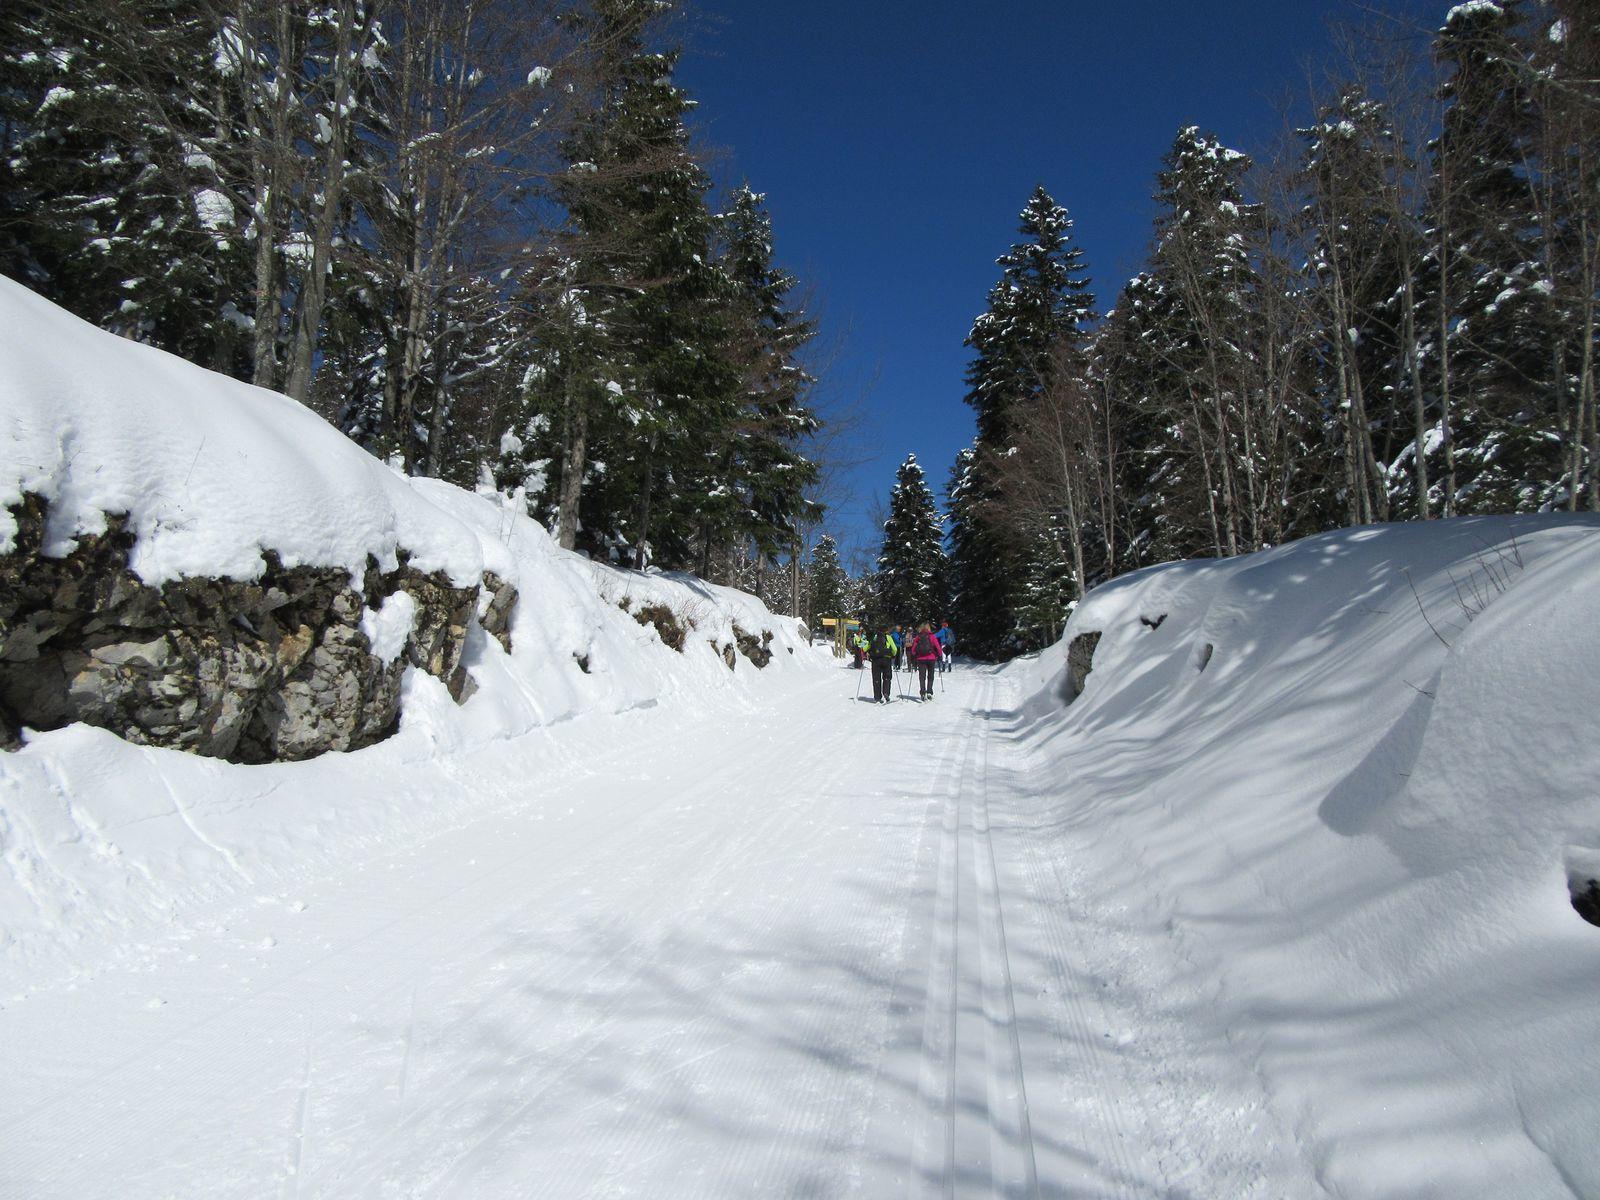 C'est parti pour Malaterre, la neige est bonne et les traces bien marquées.